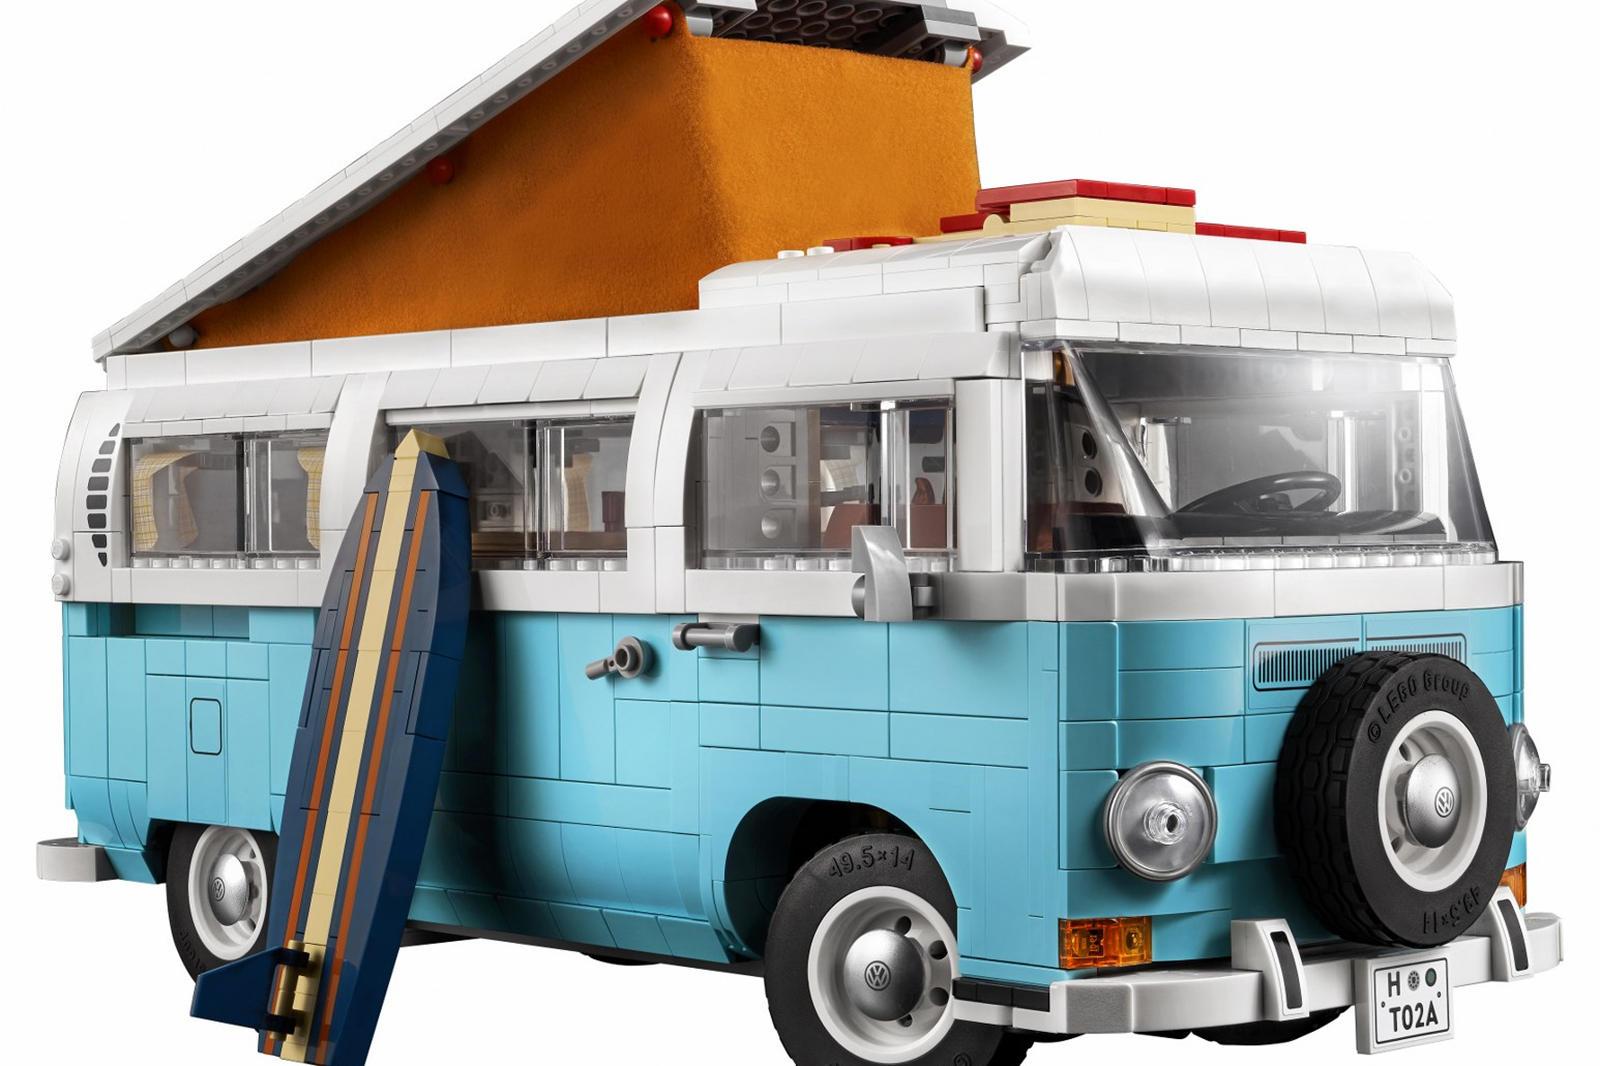 Он получил новый цвет, раздвижную дверь и вышеупомянутое переднее лобовое стекло Baywindow. Другие интересные детали включают работающую систему рулевого управления и детально проработанный интерьер с открывающимися шкафчиками, холодильником, раковин